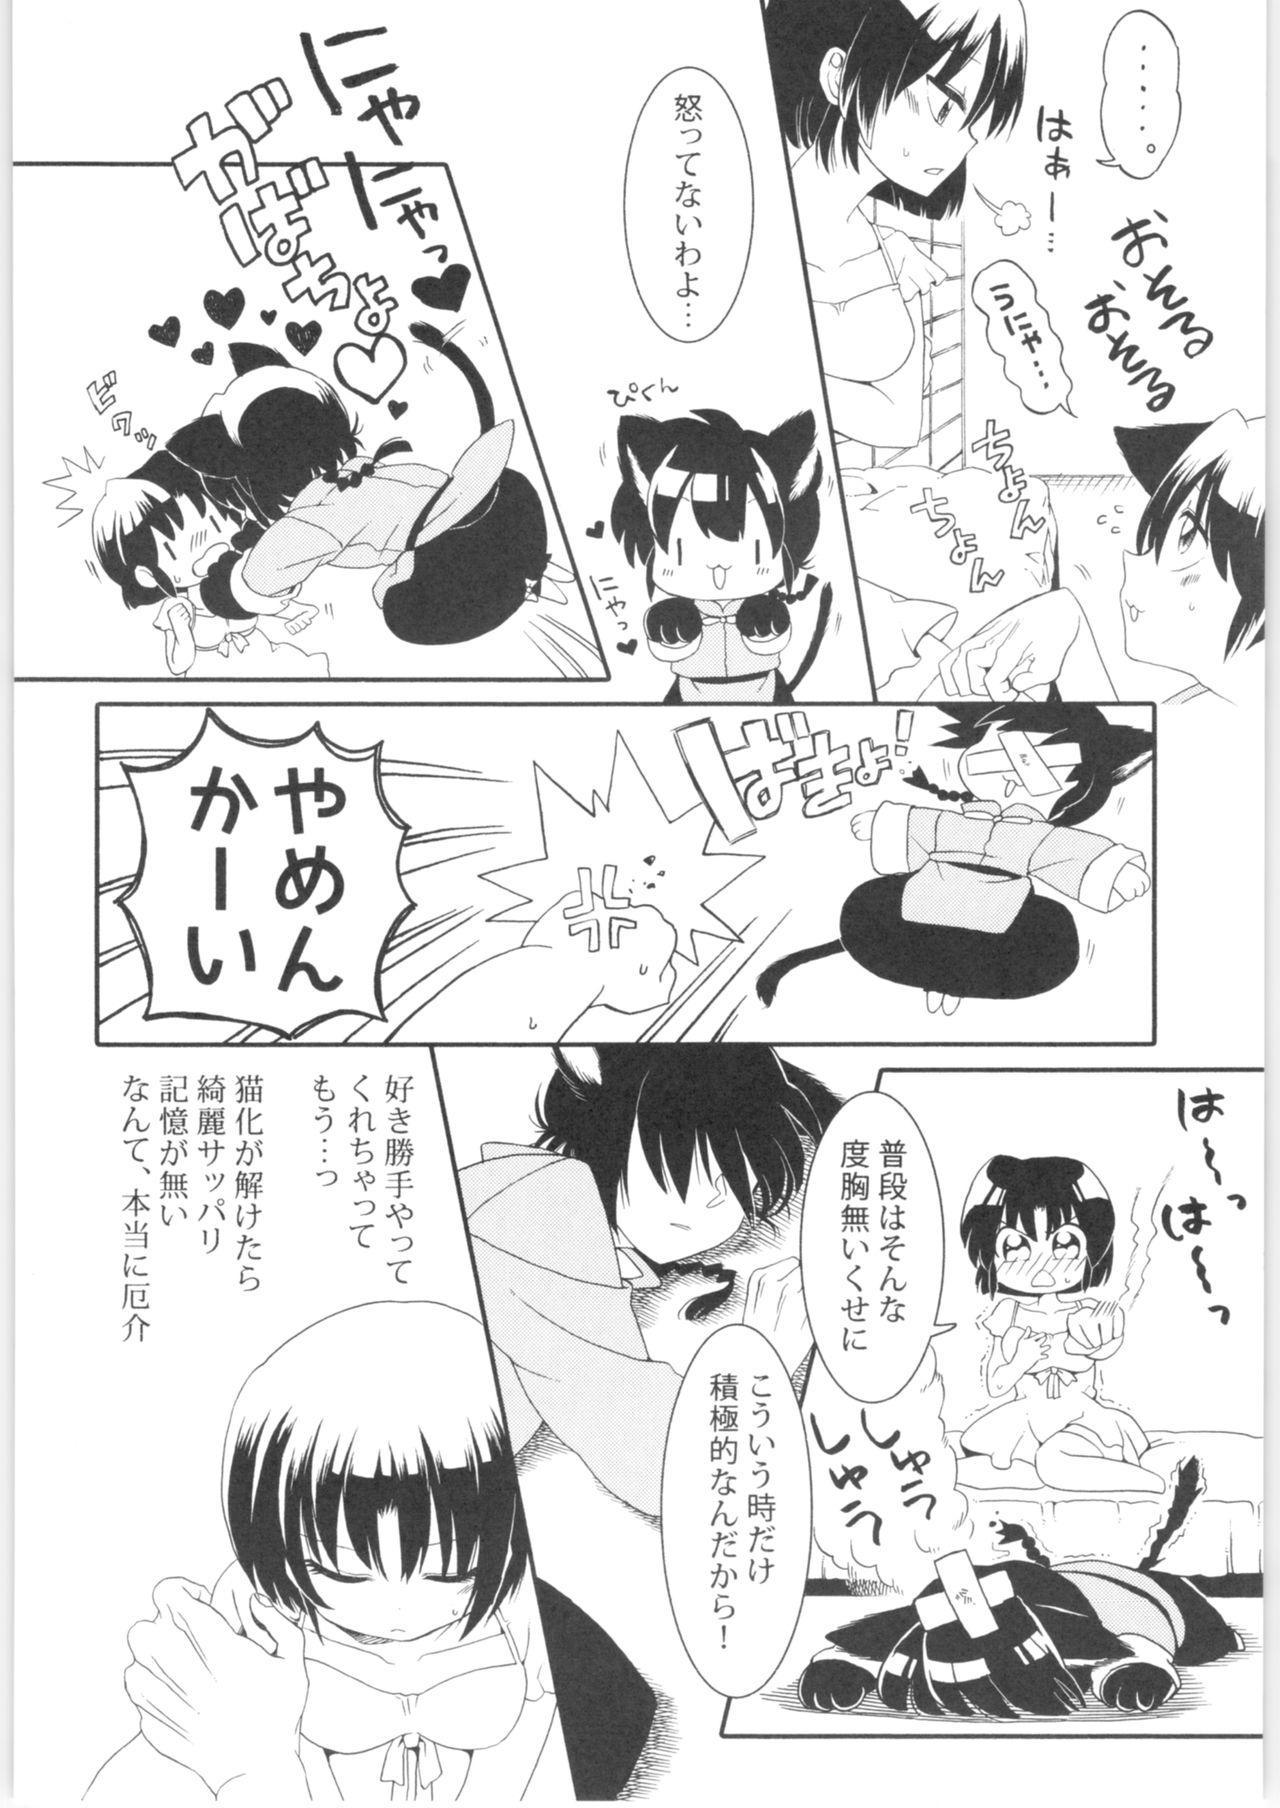 Iinazuke ga Neko ni Narimashite. 42